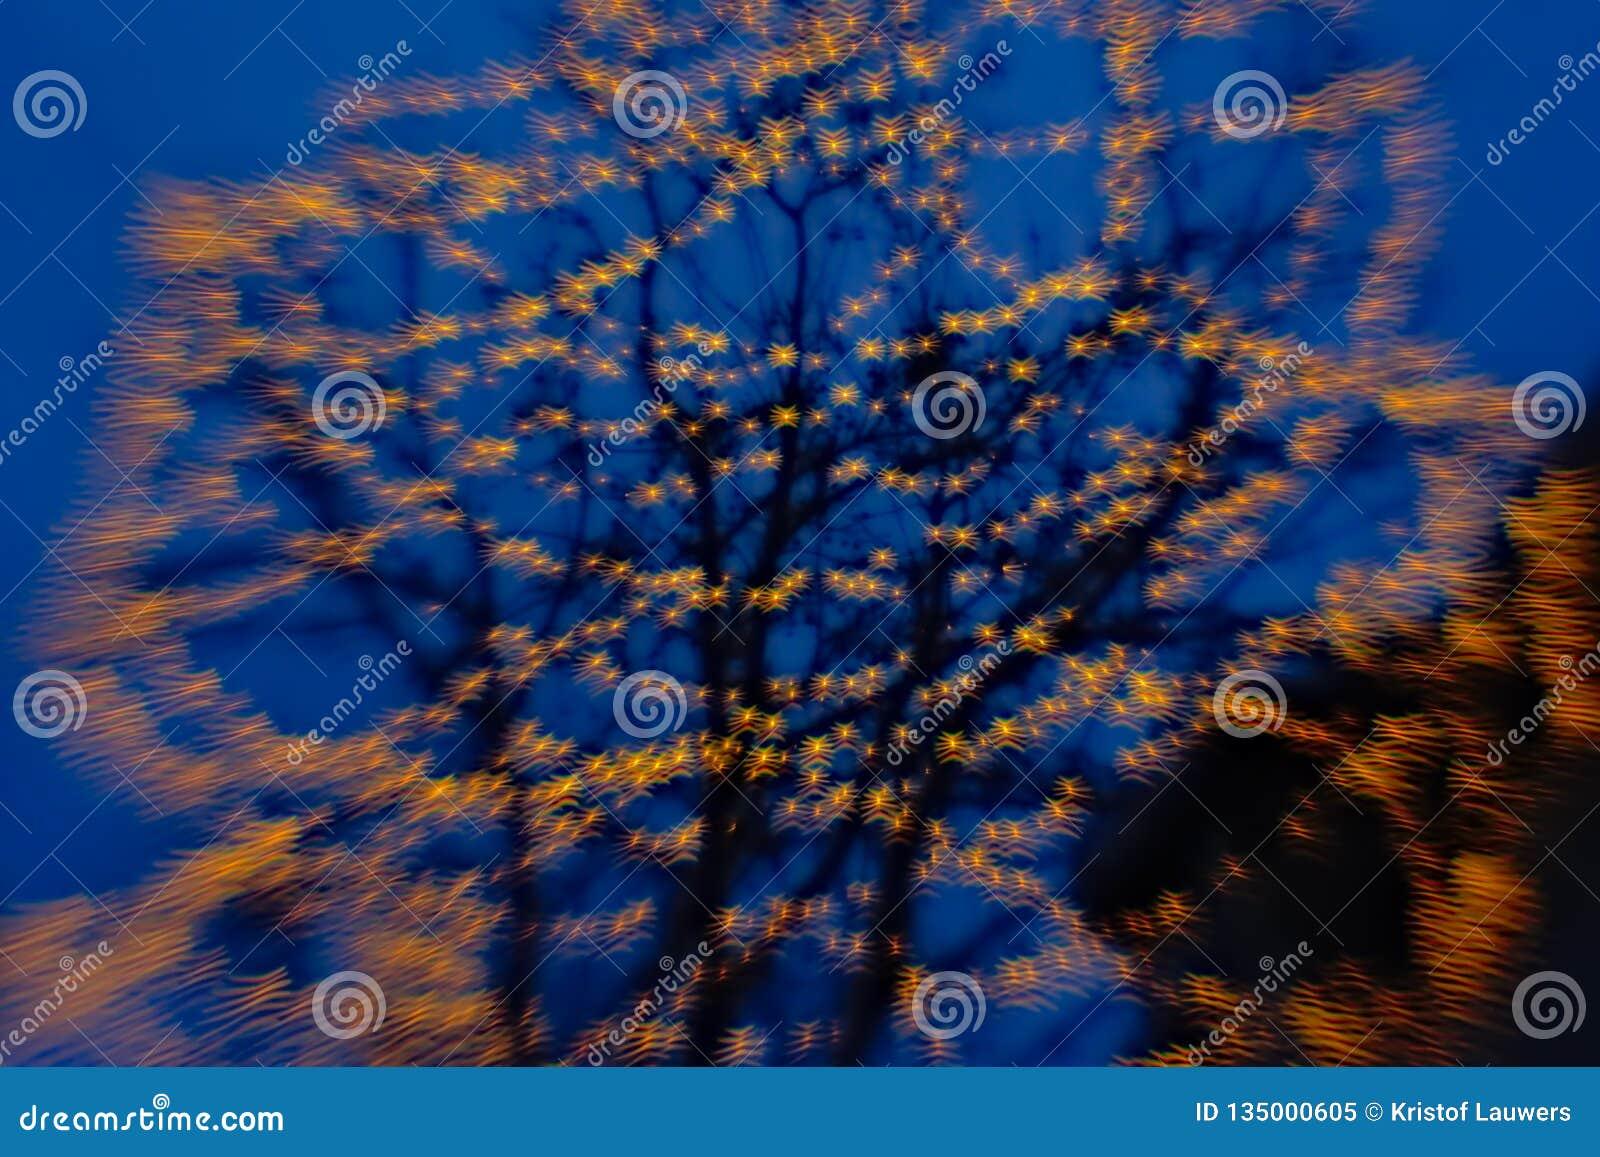 Borrão do fundo da árvore com luzes do bokeh em formas onduladas